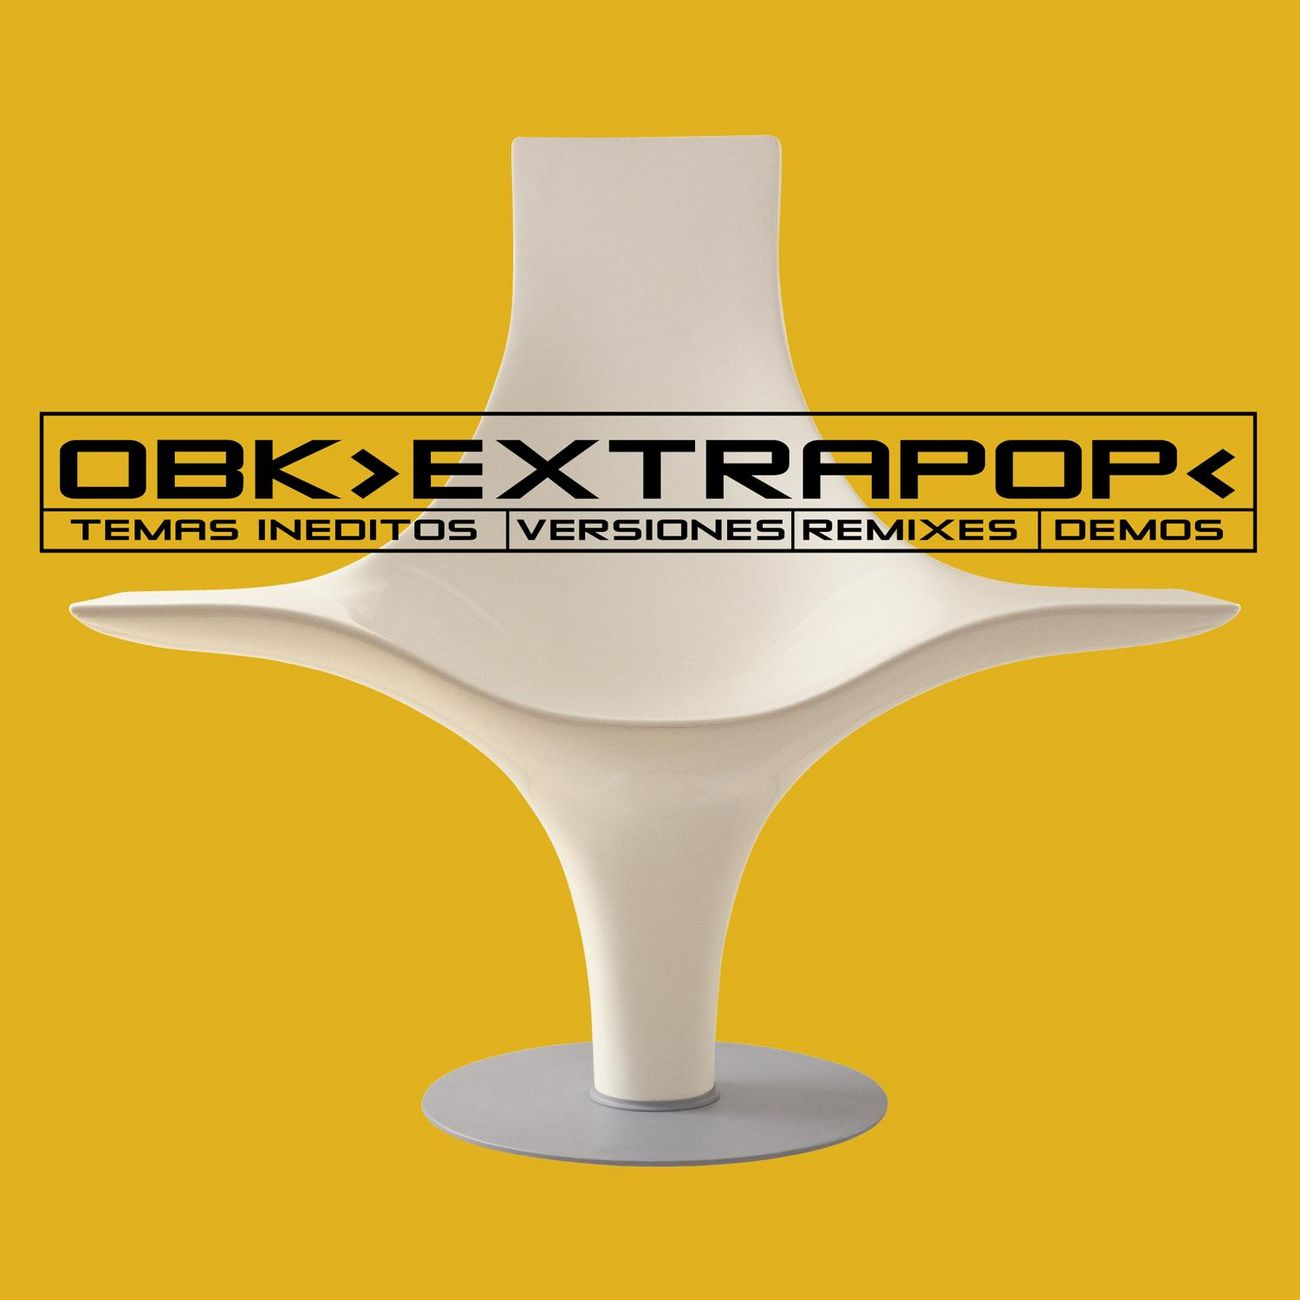 Extrapop